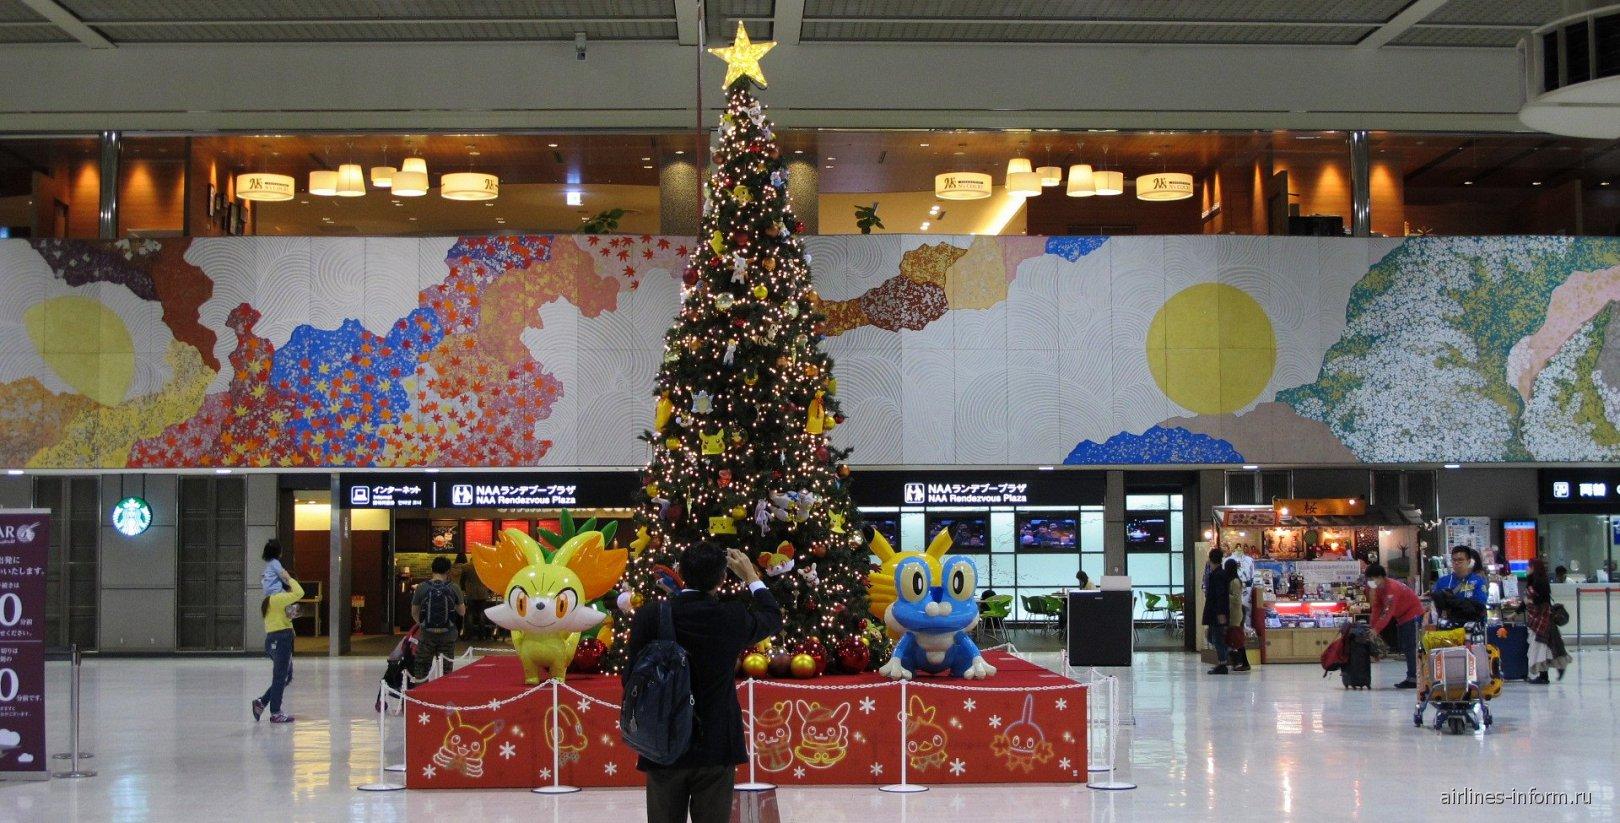 Рождественская елка в терминале 2 аэропорта Токио Нарита